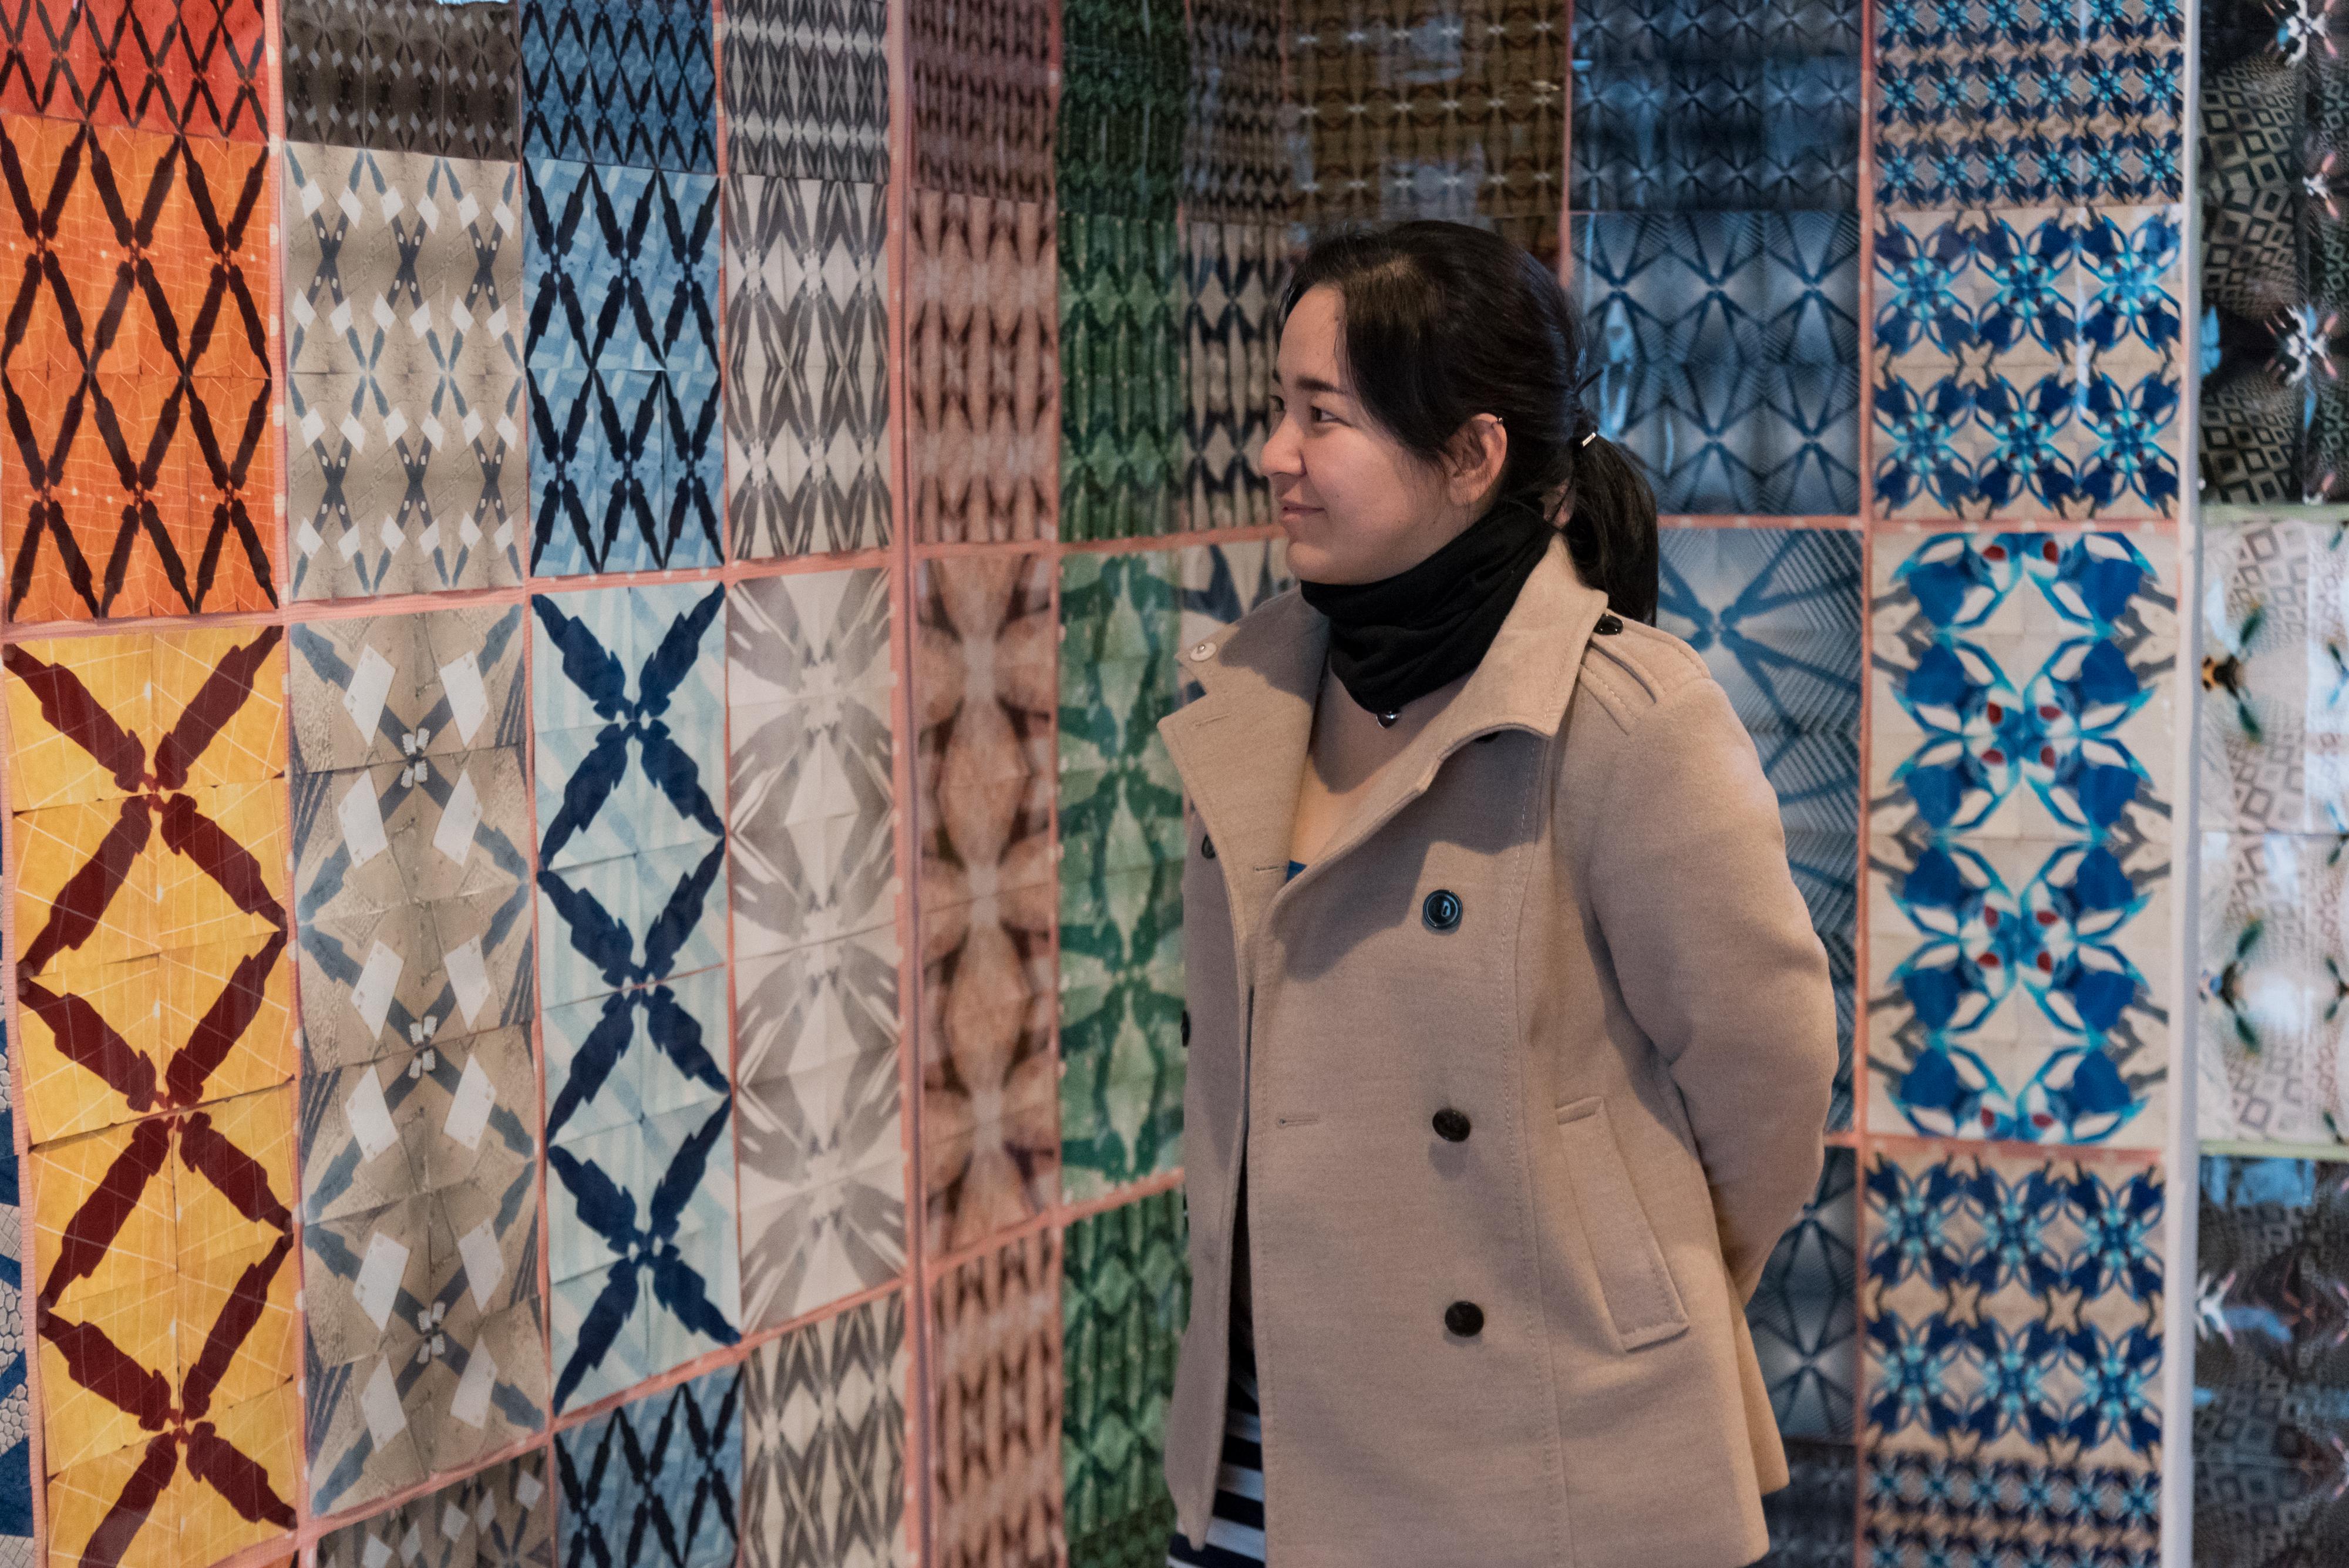 Exposiciones, talleres, música y conferencias conforman la XVIII Semana Cultural del Japón